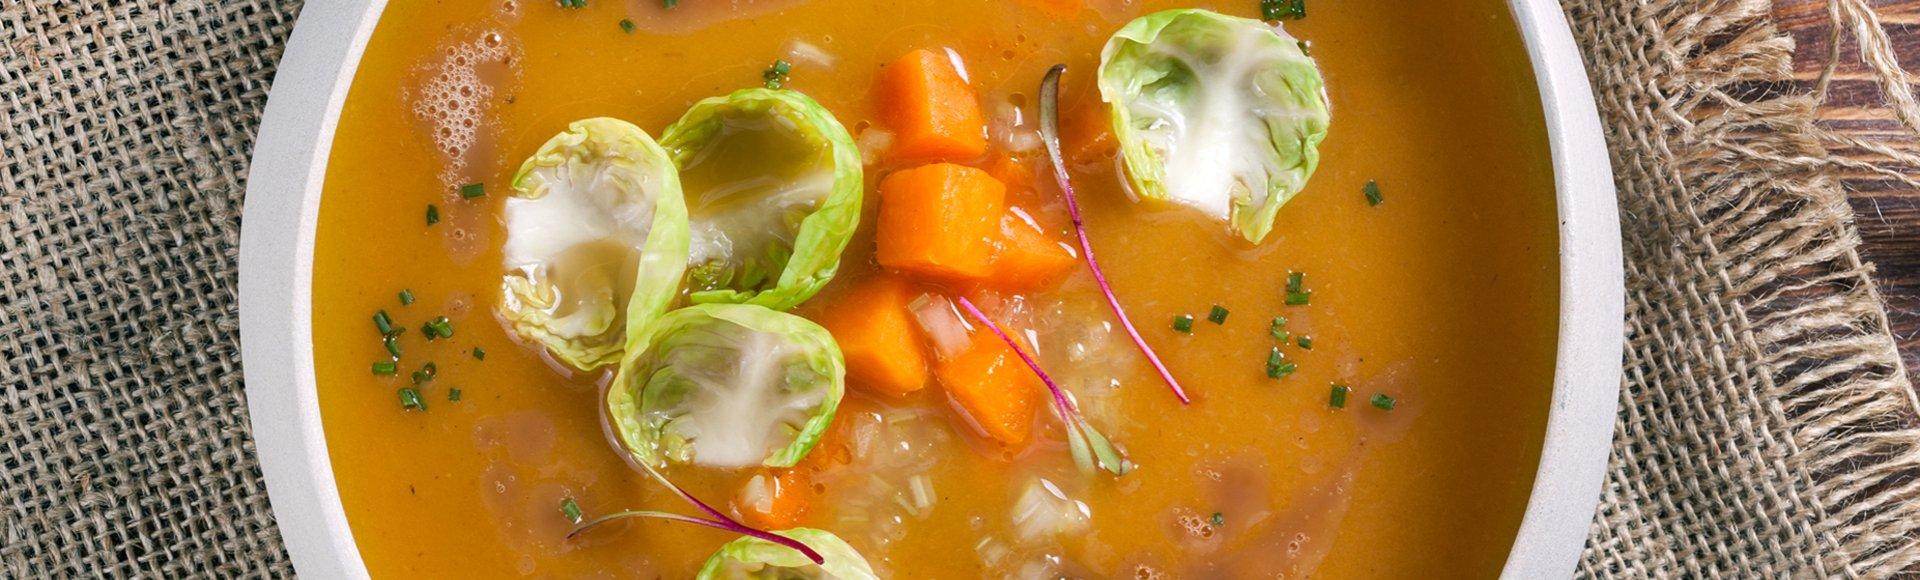 Σούπα κολοκύθας με καβουρδισμένο βούτυρο & μπαχαρικά